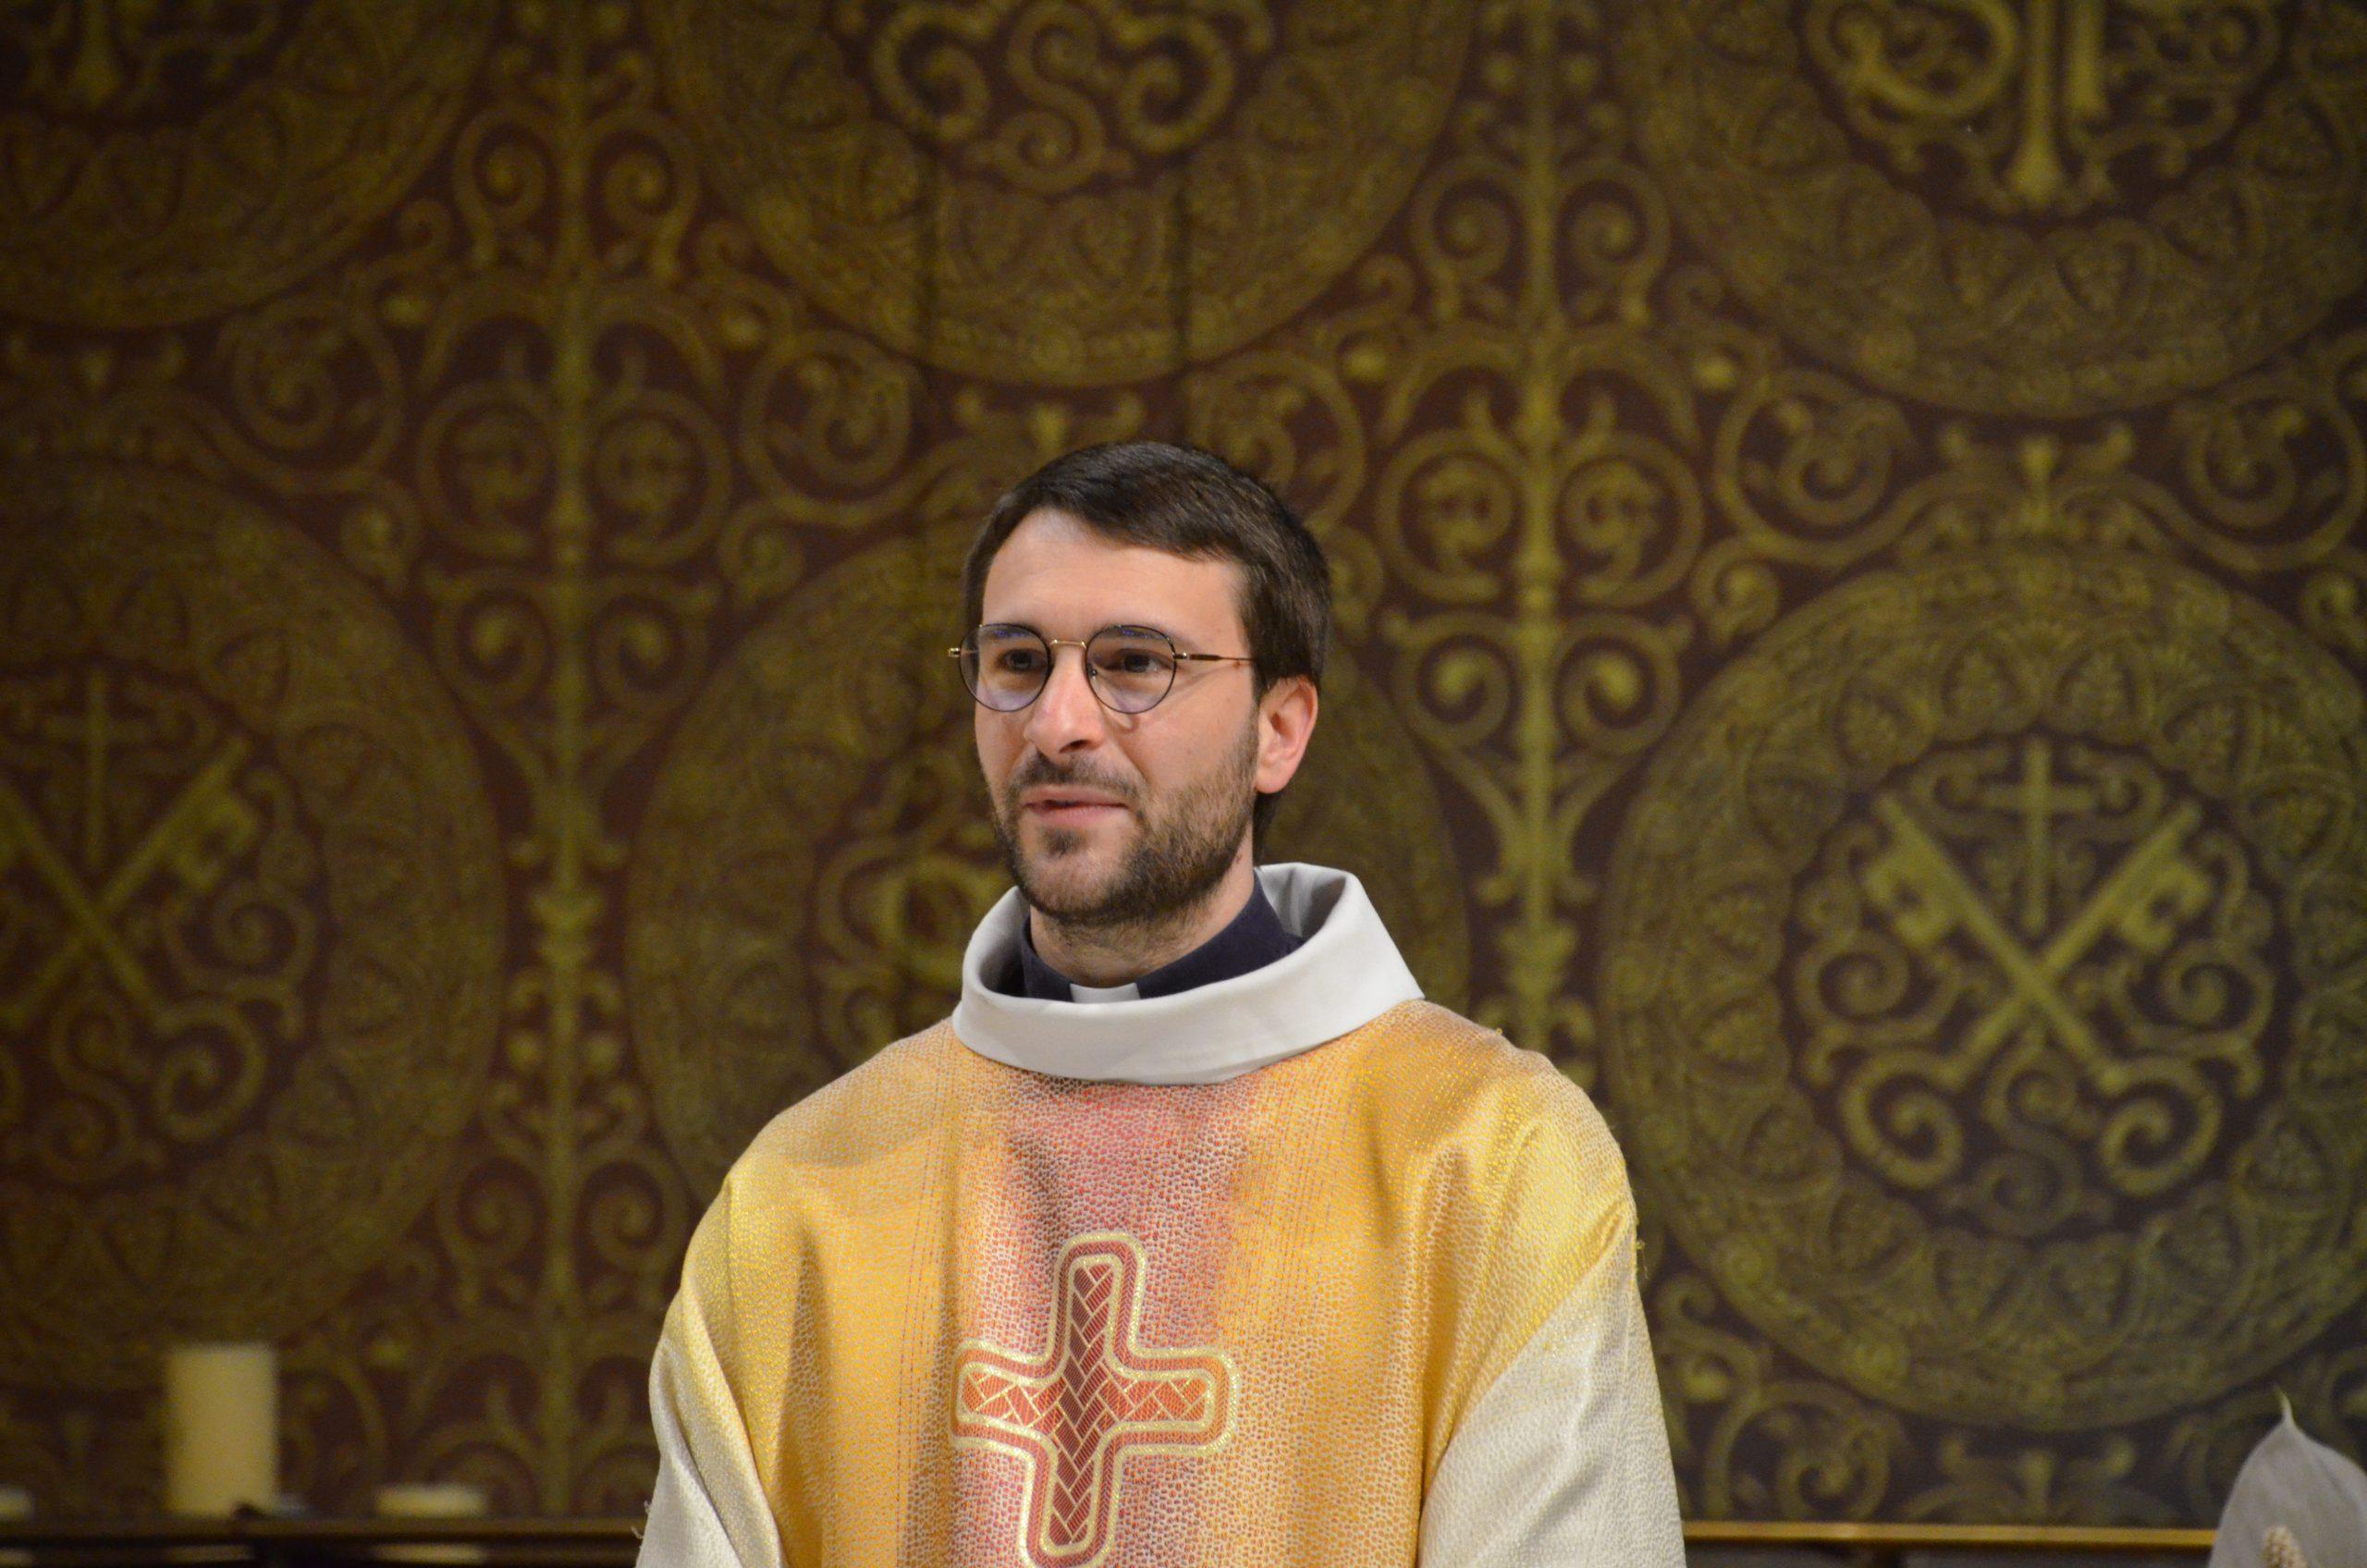 Messe du 13 décembre : 3ème dimanche de l'Avent. homélie du Père Philippe Perraud, vicaire